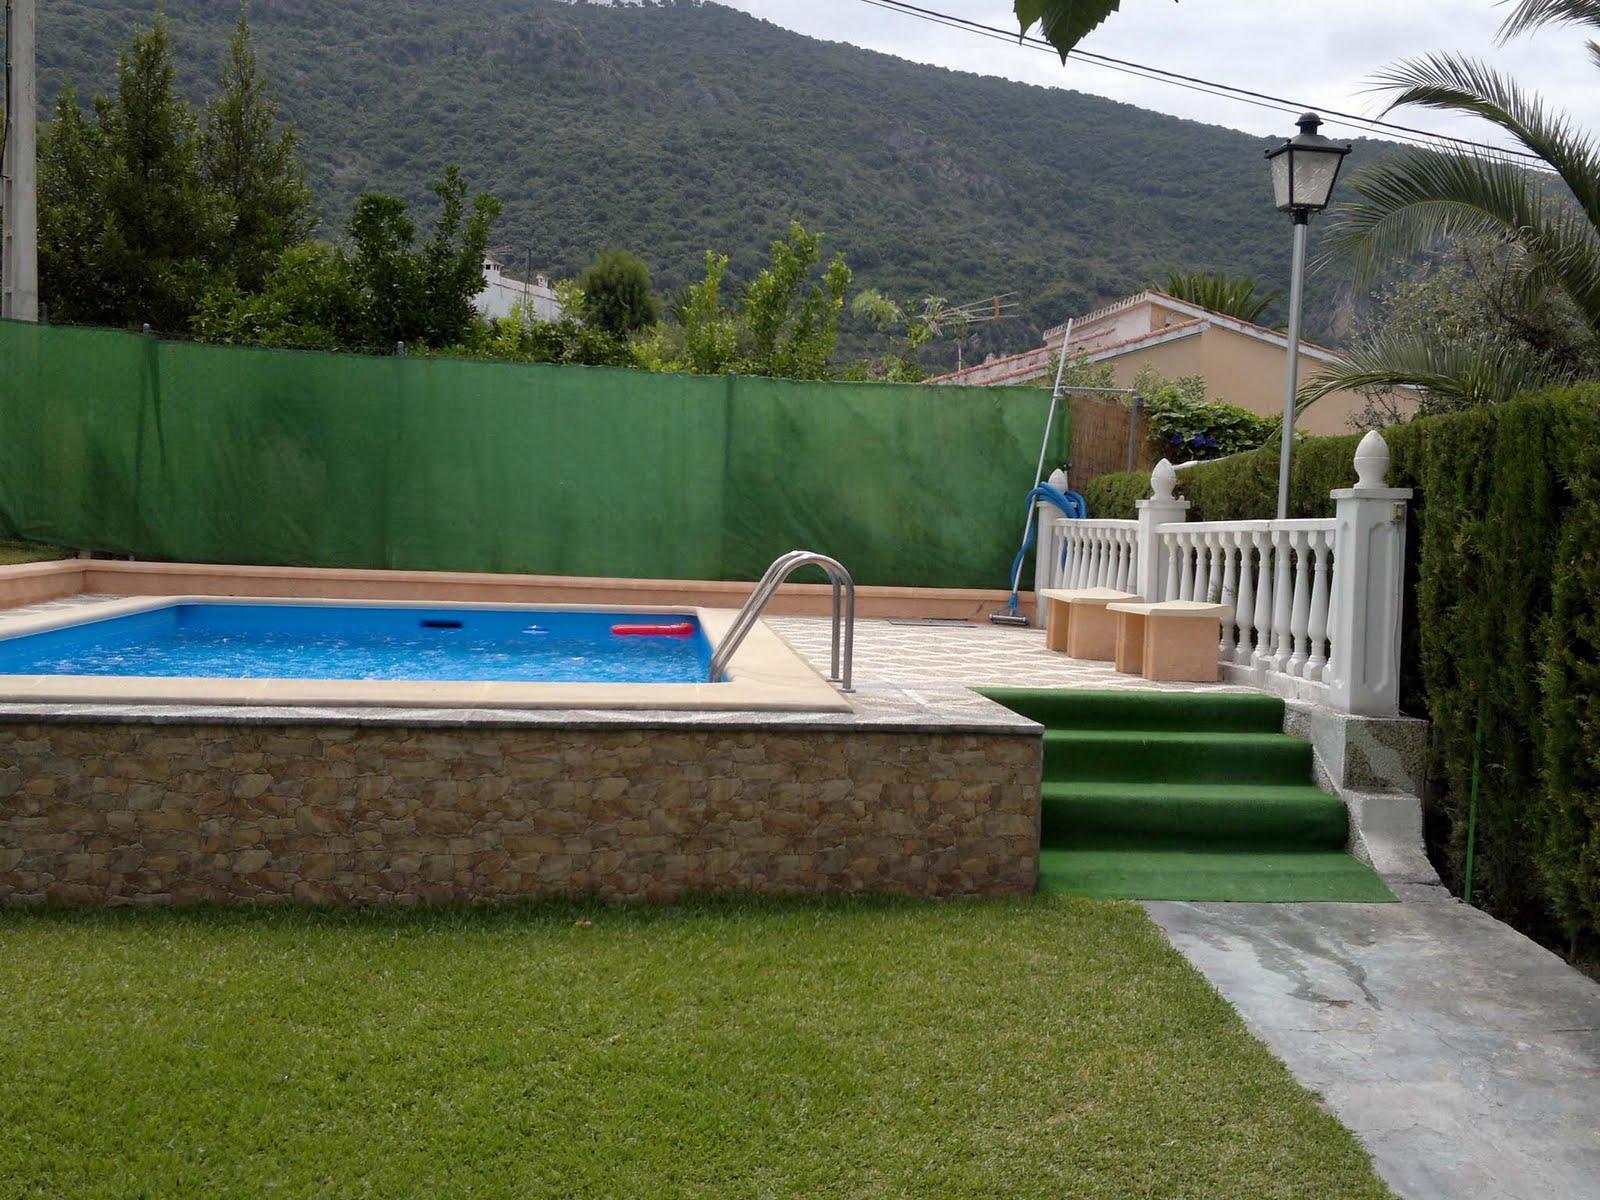 Vivienda turistica de alojamiento rural las buganvillas for Barredera piscina